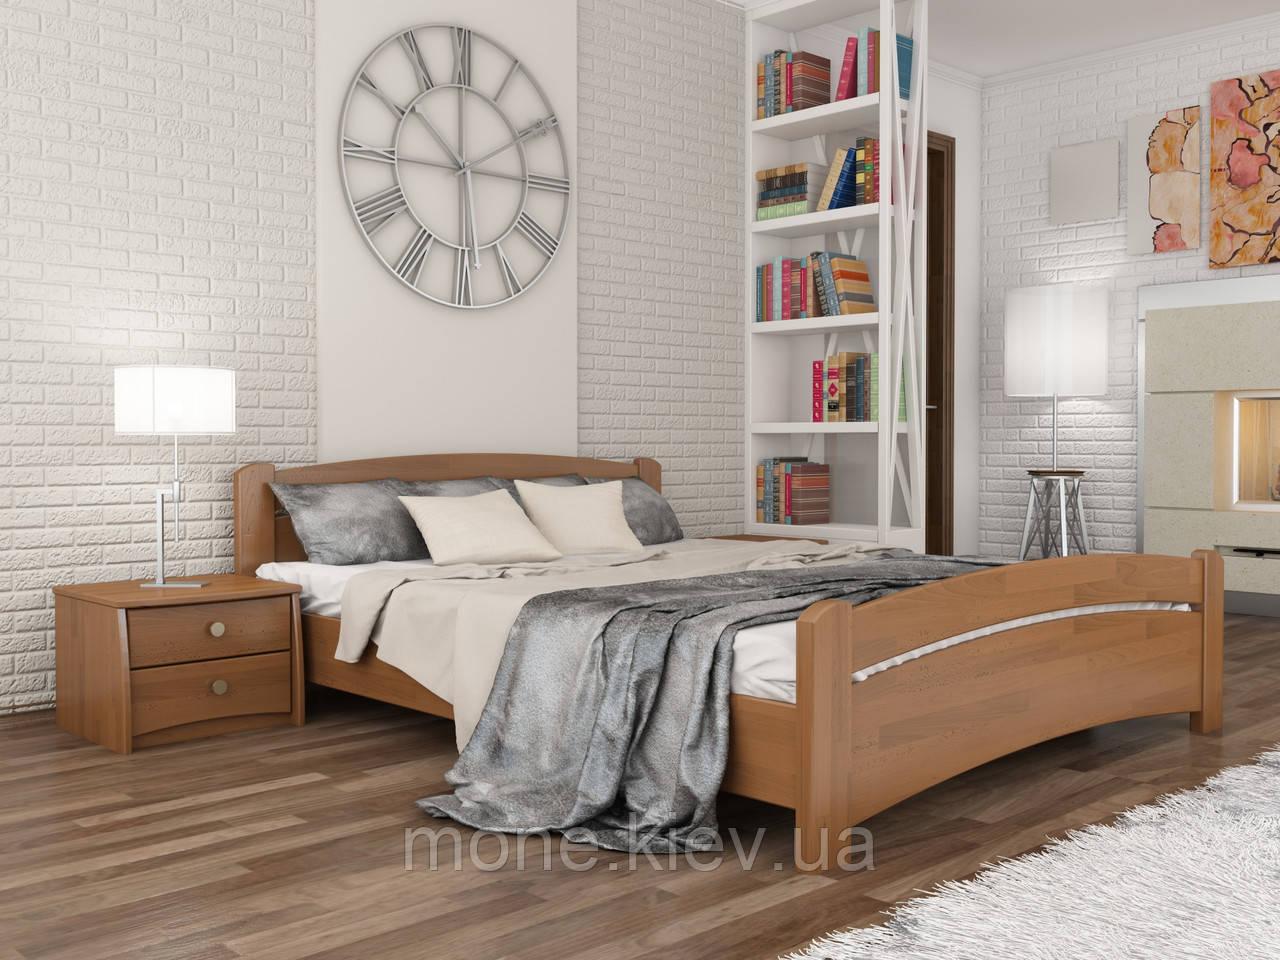 Кровать полуторная Венеция деревянная из бука